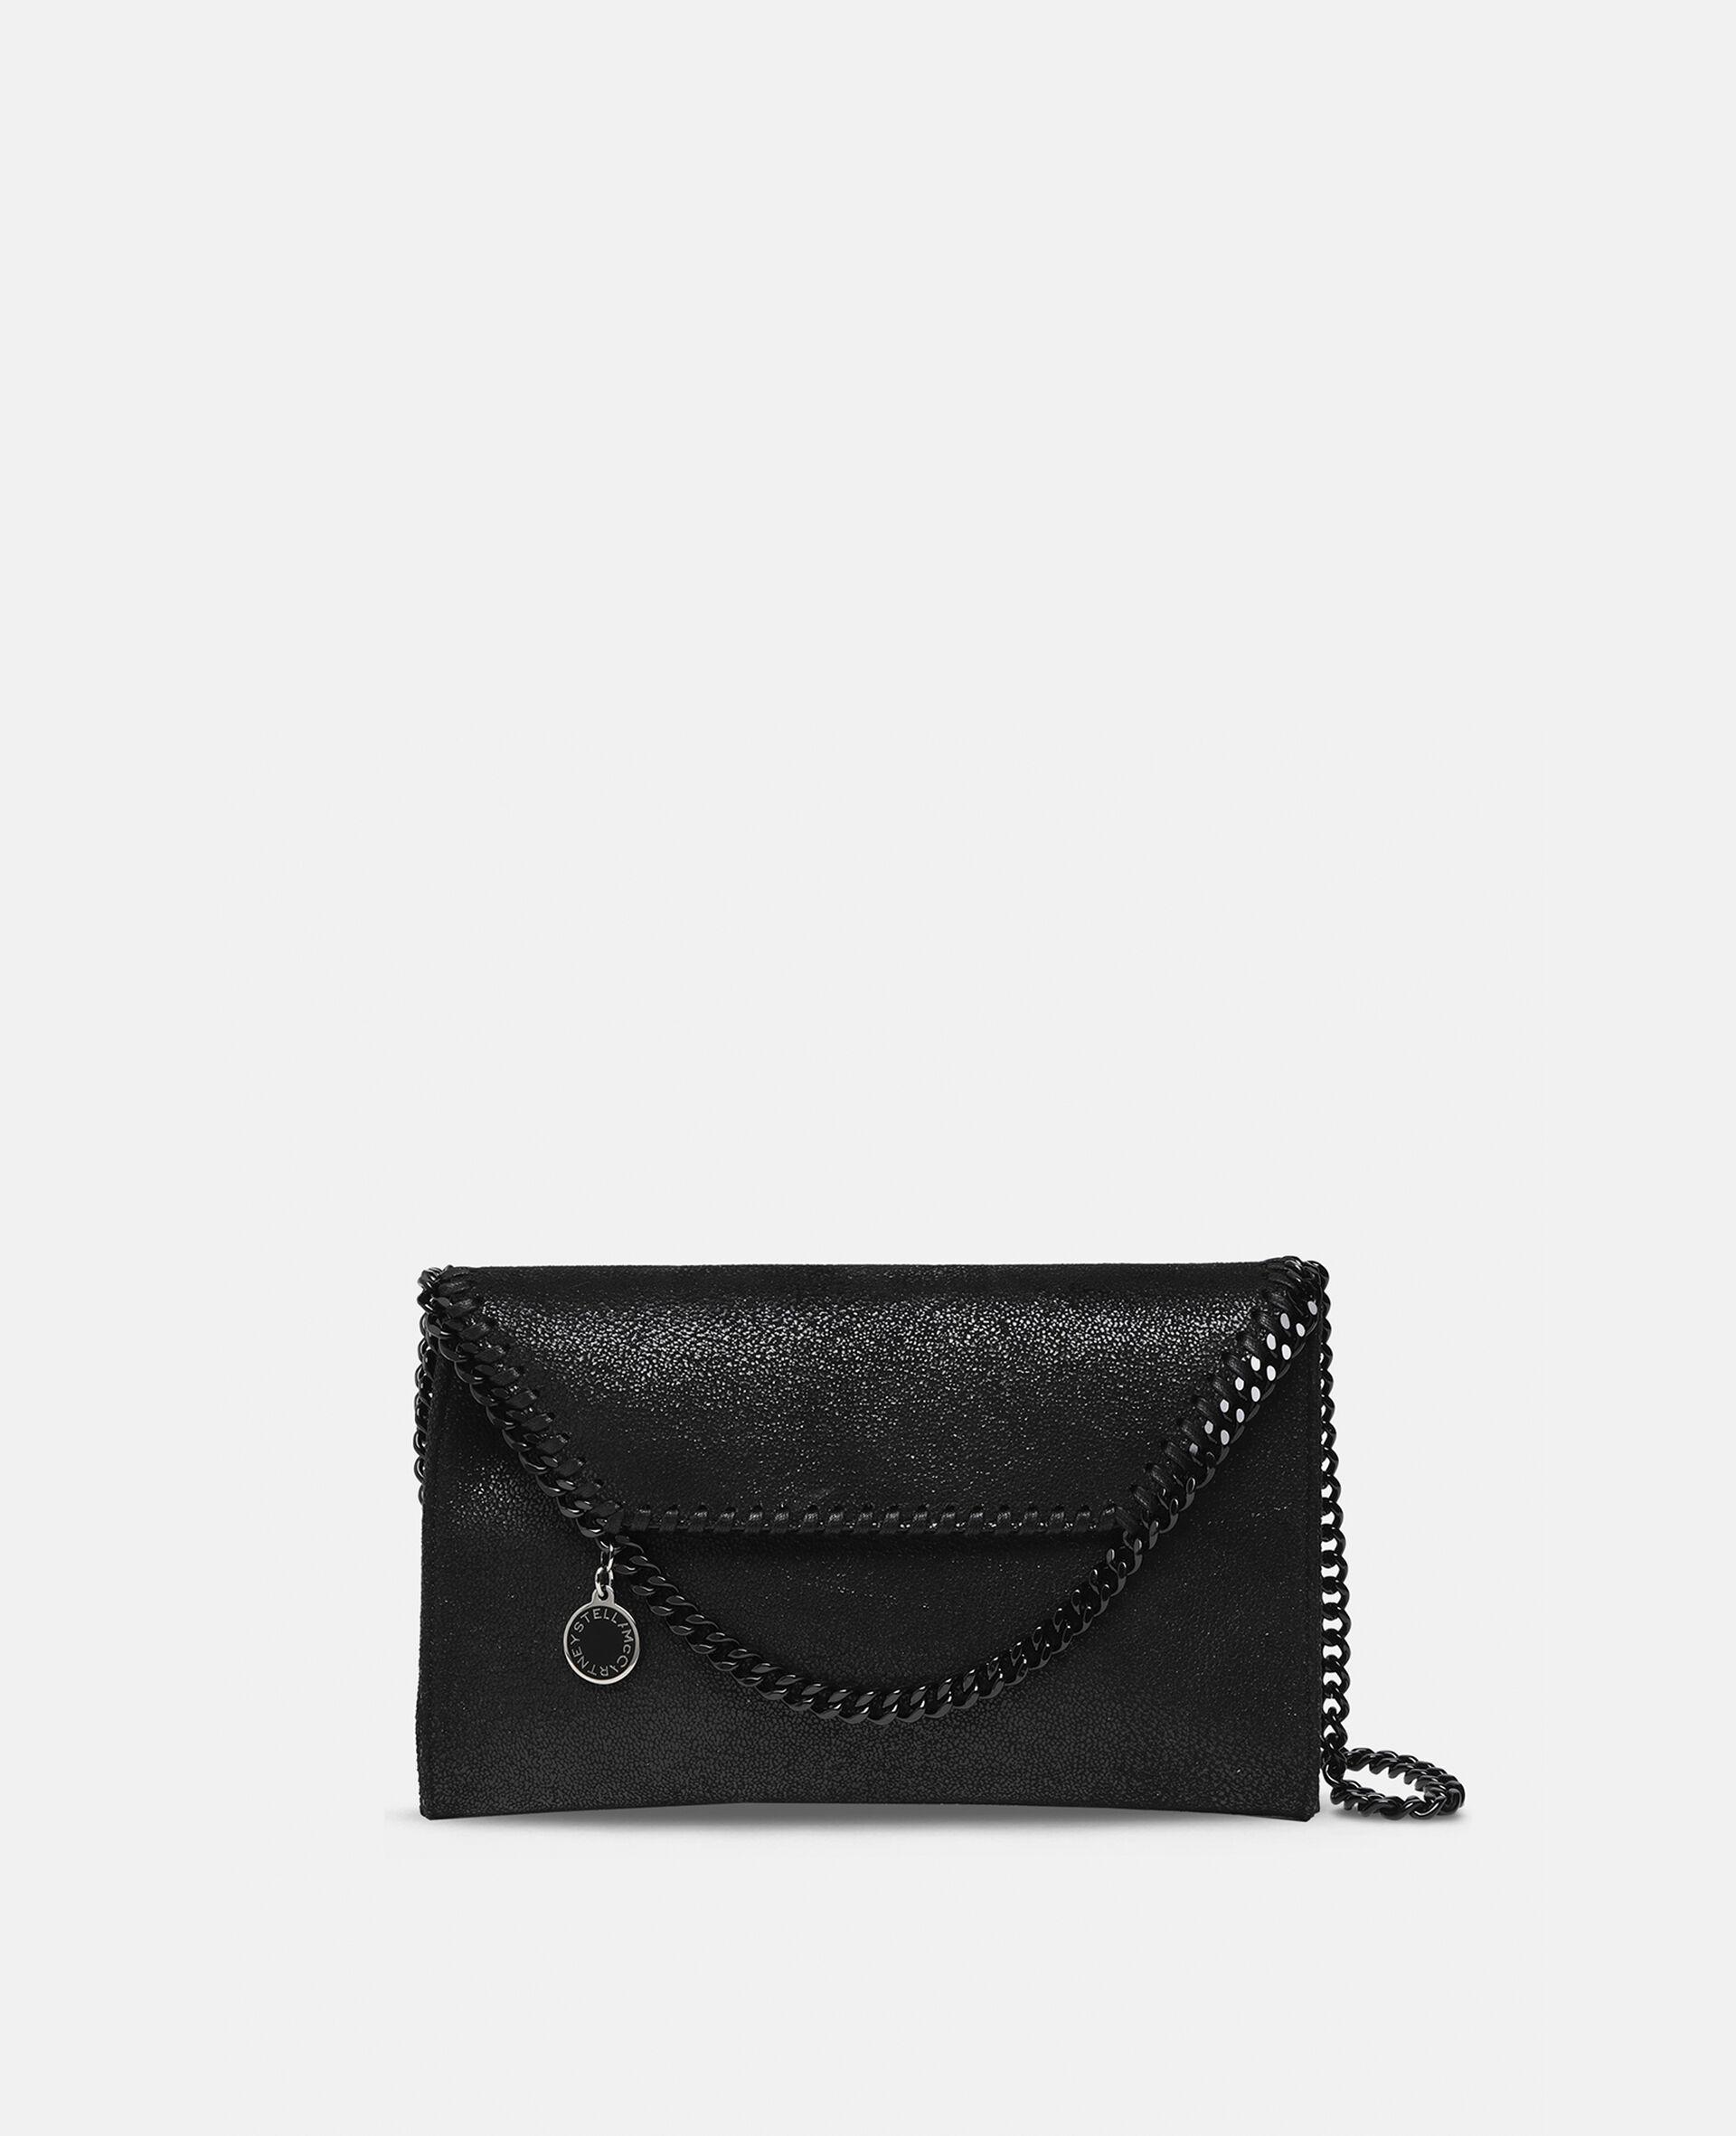 Mini-sac porté épaule Falabella-Noir-large image number 0